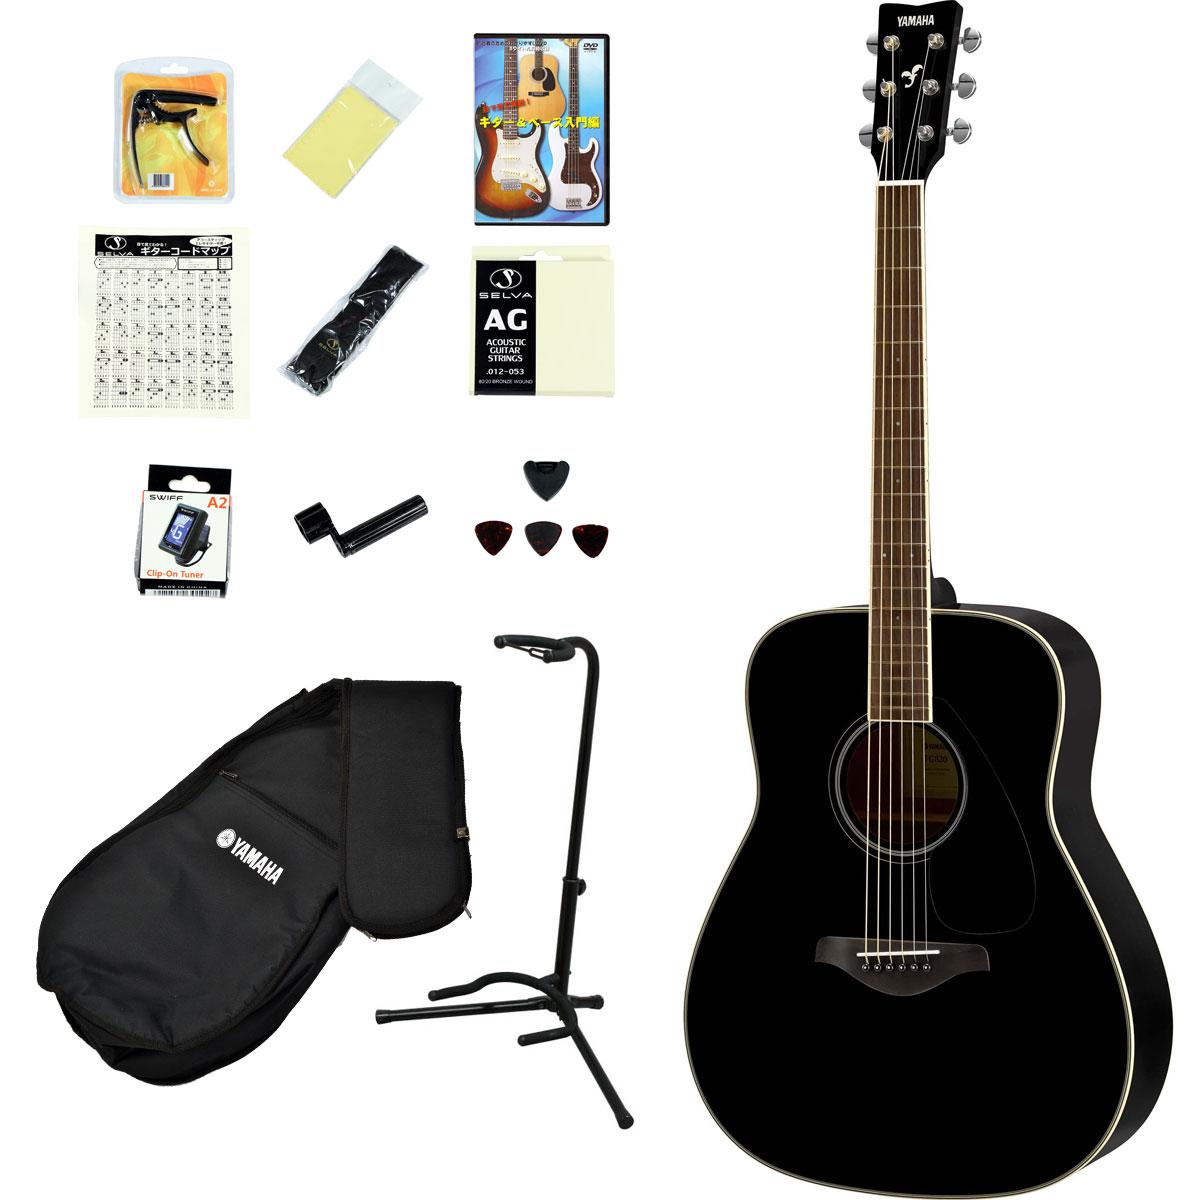 YAMAHA / FG820 BL( ブラック) 【アコースティックギター14点入門セット!】 ヤマハ フォークギター アコギ FG-820 入門 初心者【YRK】